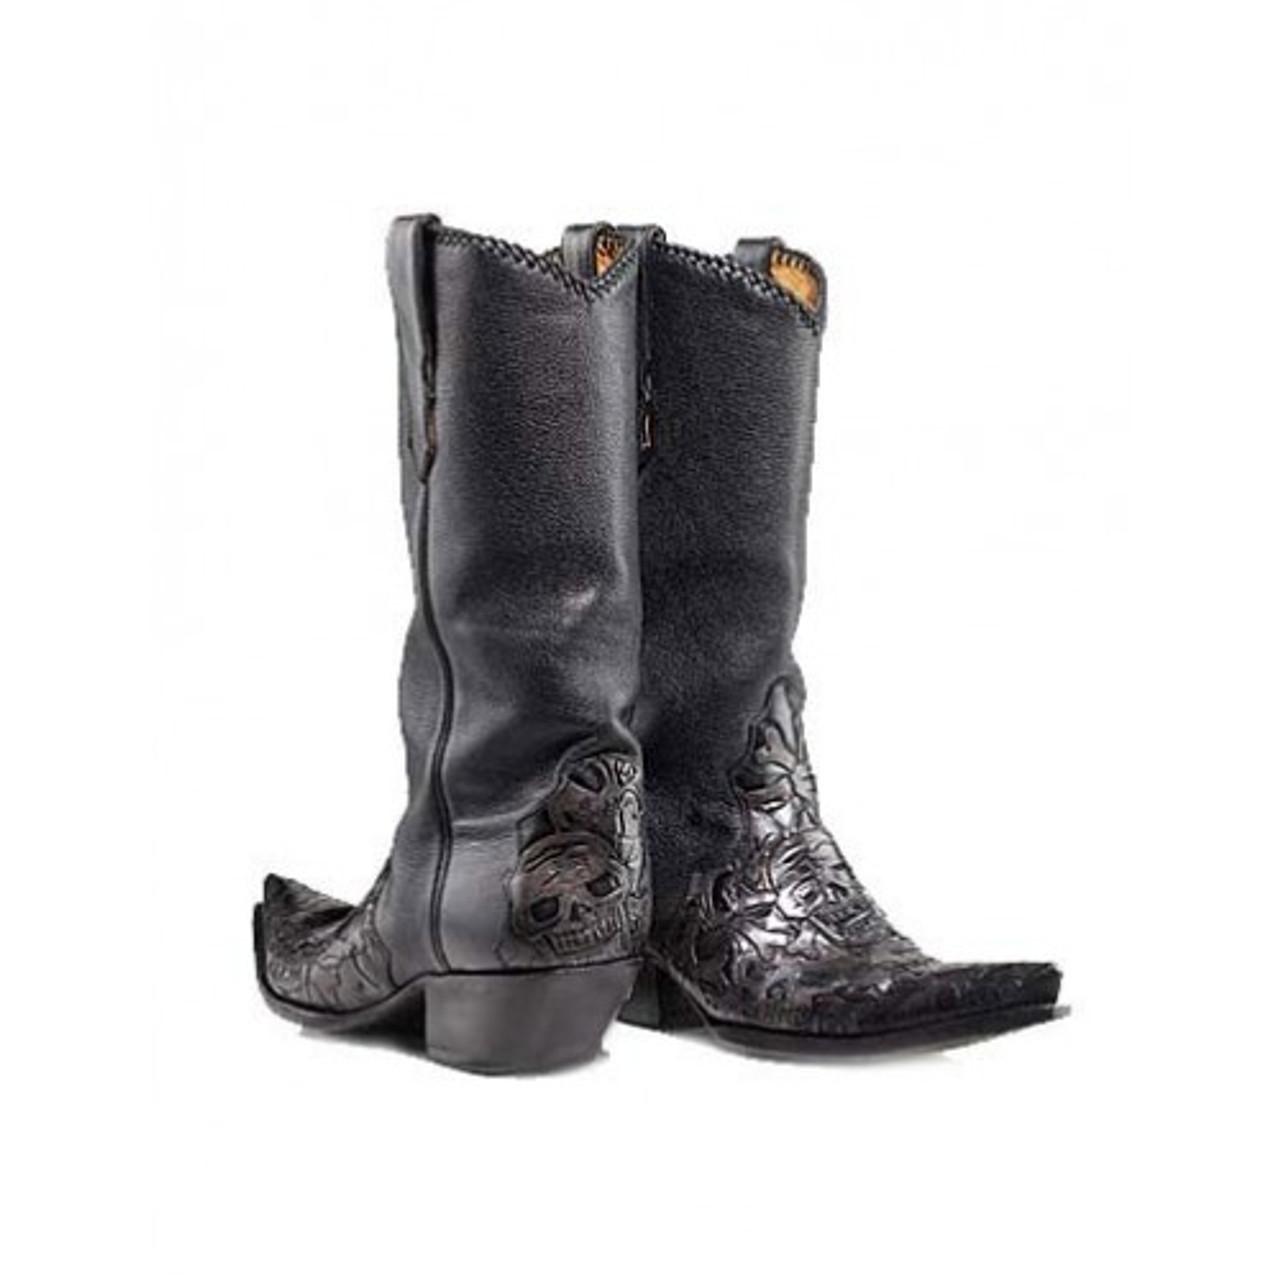 2dfd4a3bcde Liberty Men's Boots - 42 Muertos